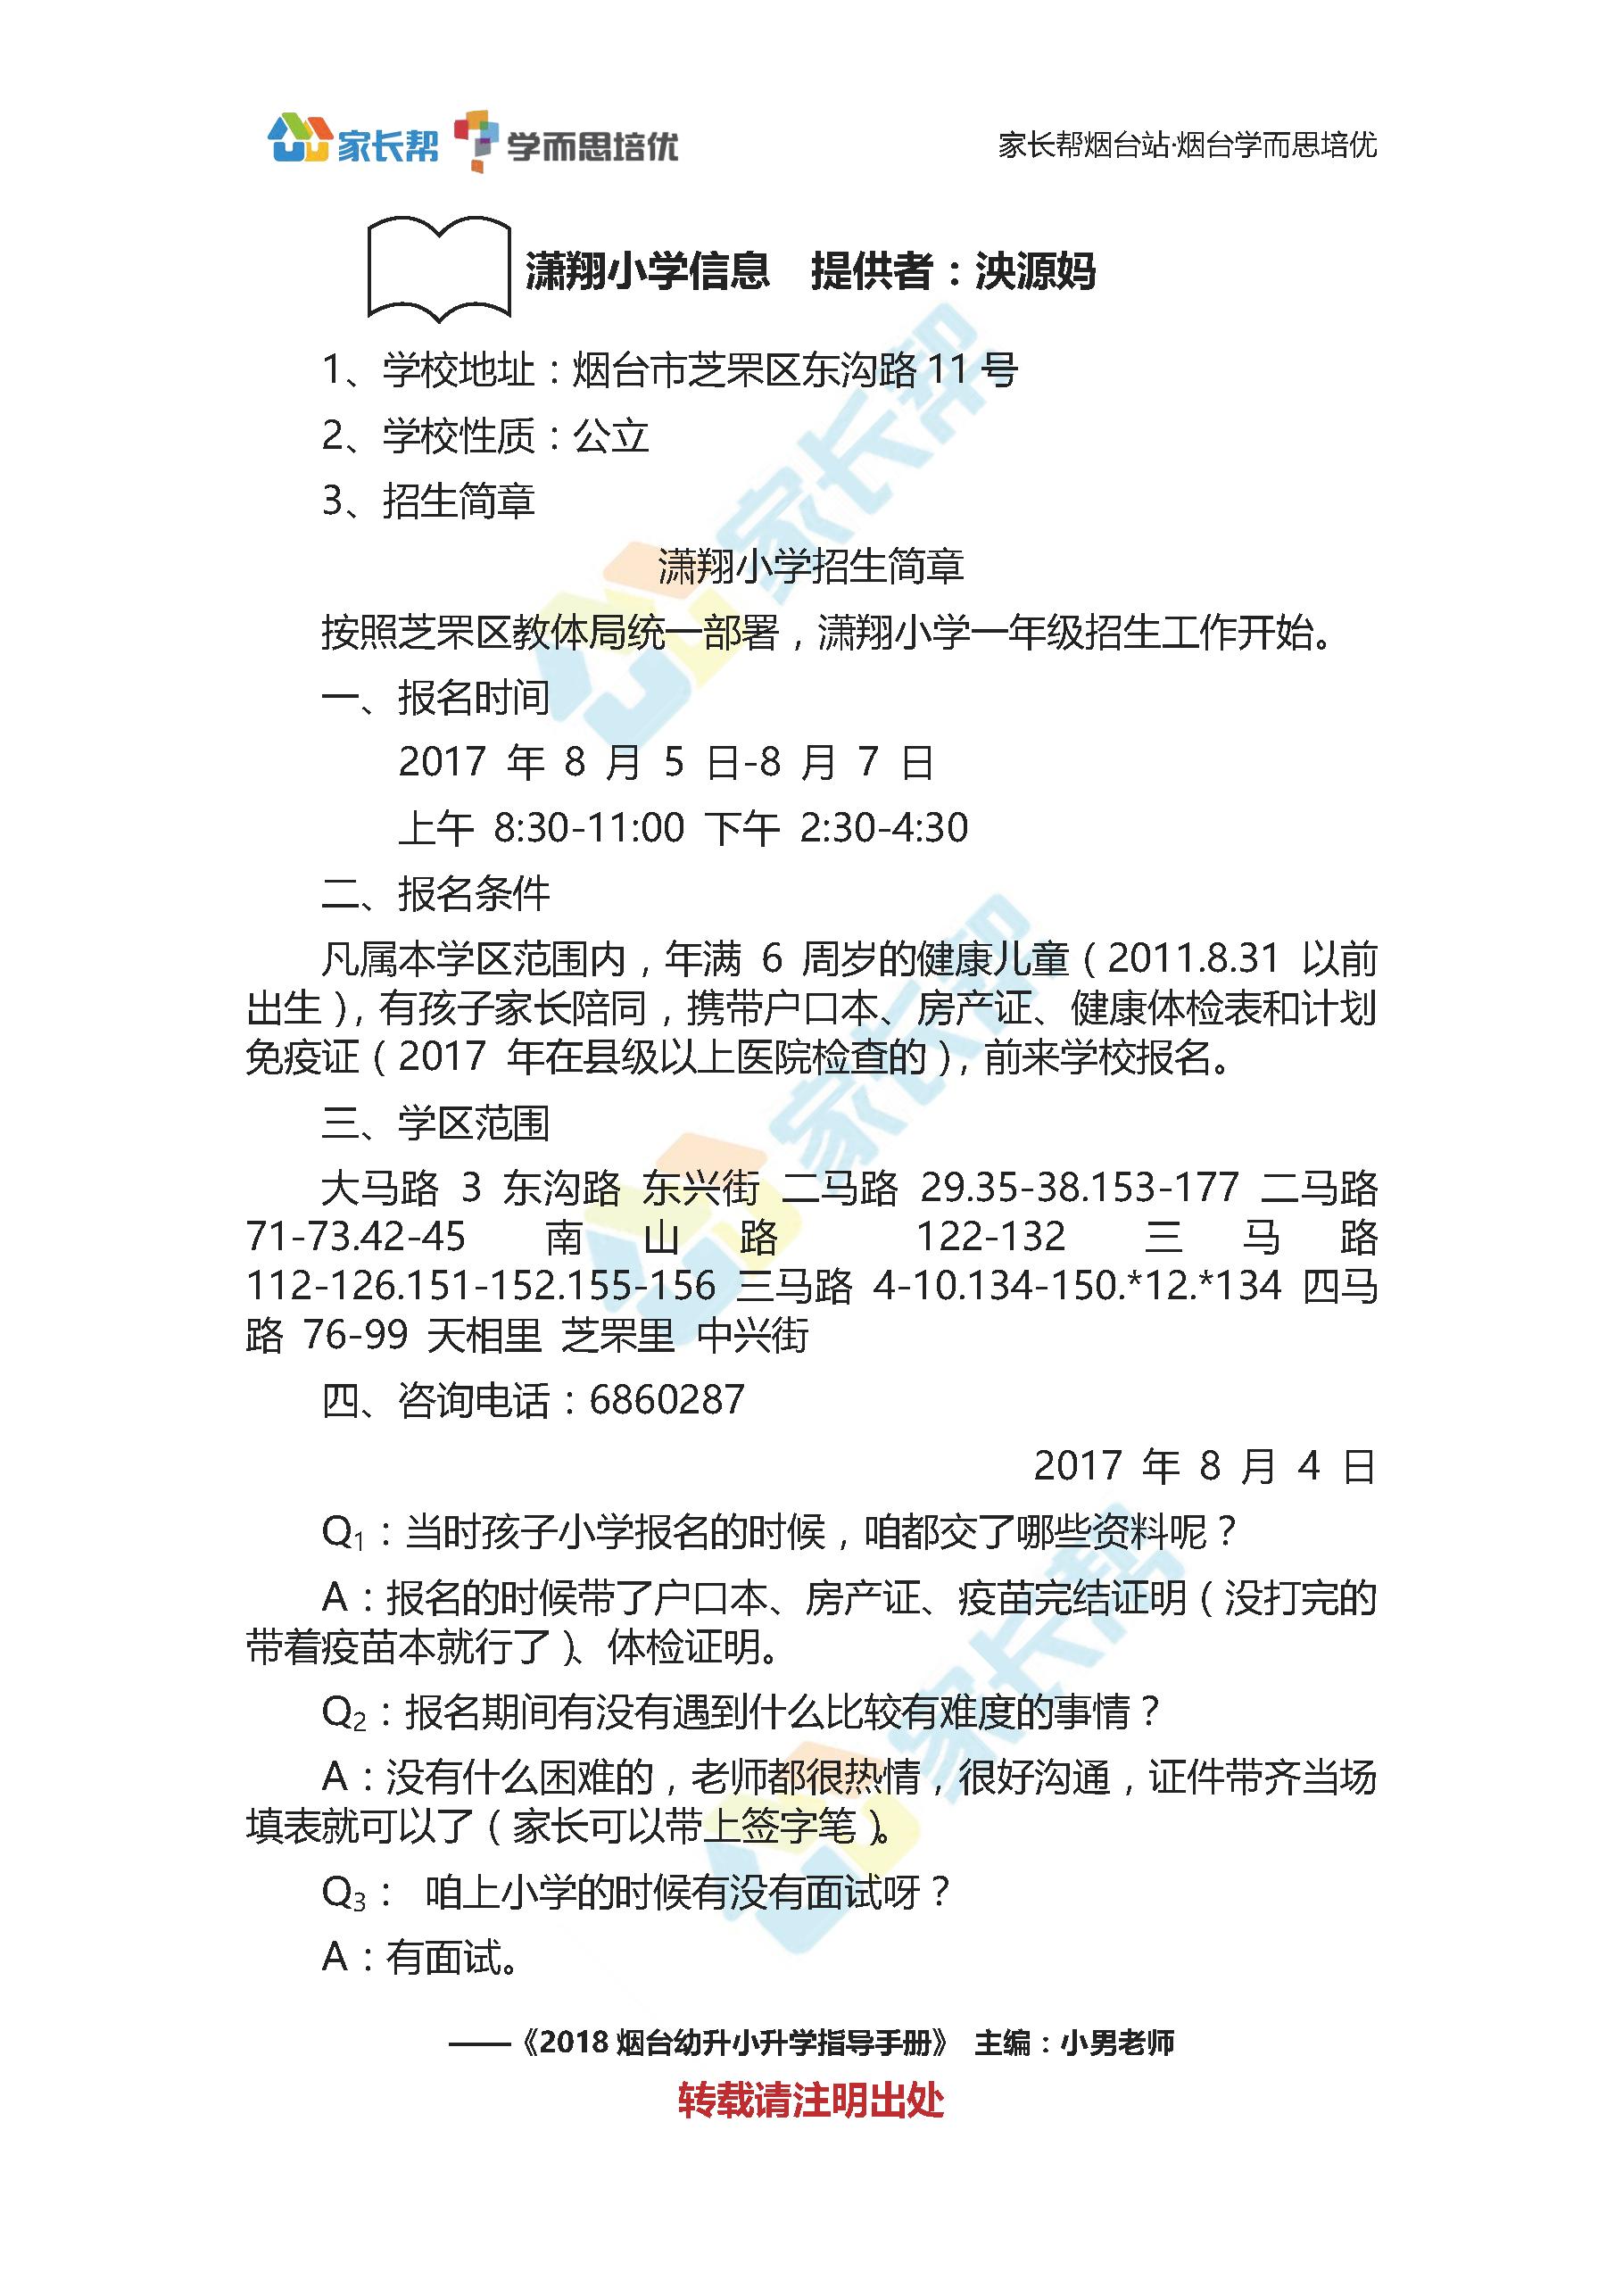 潇翔小学信息_页面_1.png